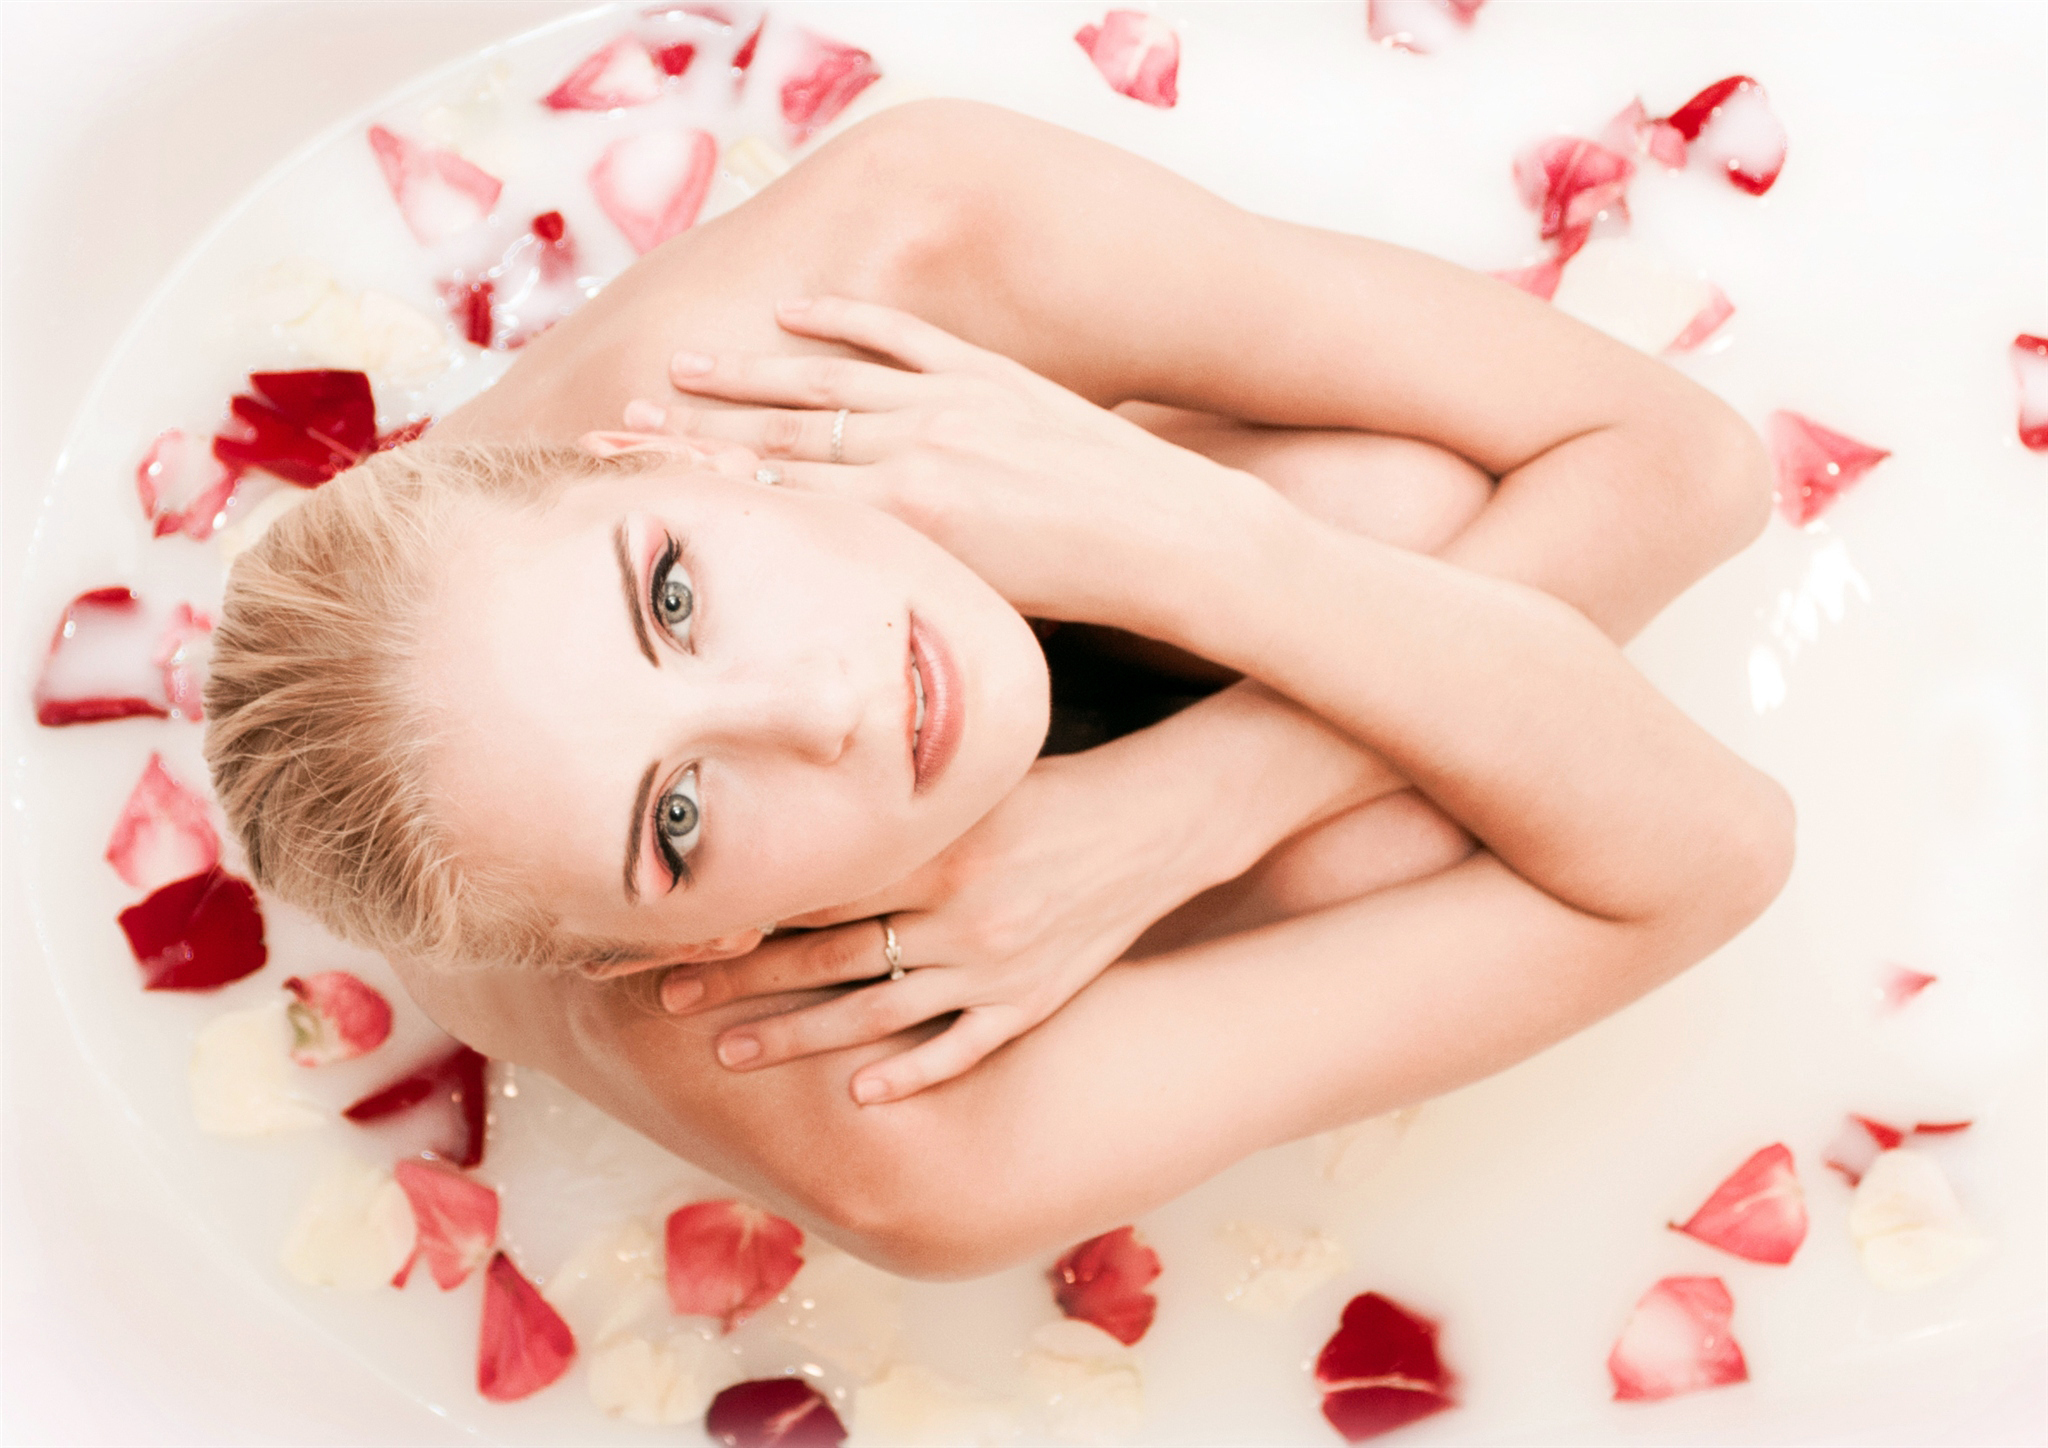 Смотреть блондинка в ванной 19 фотография